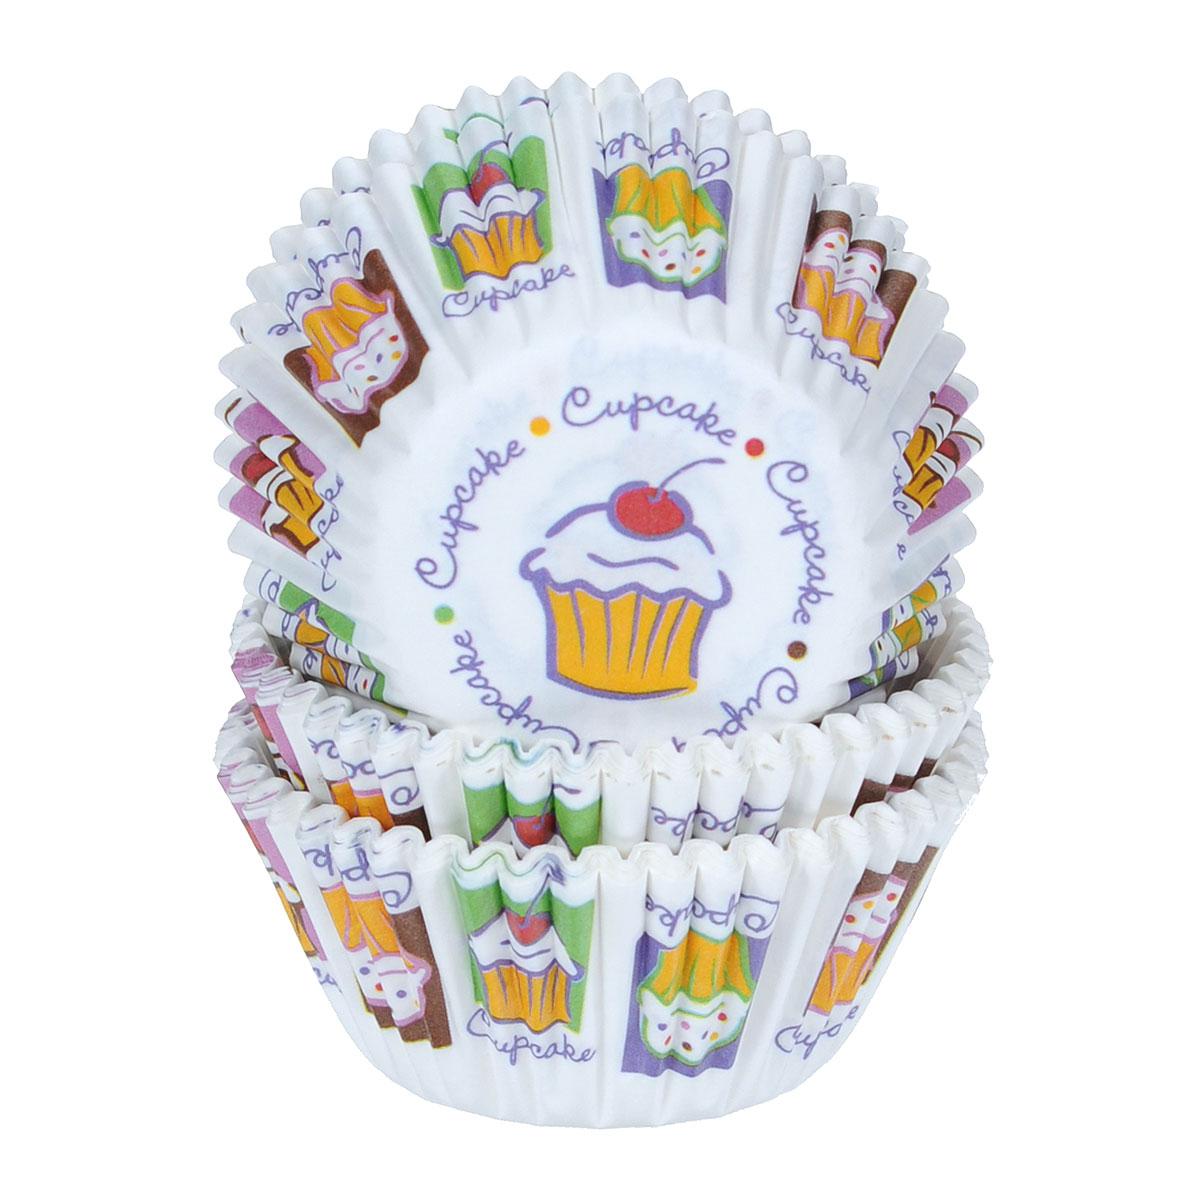 """Бумажные формы Wilton """"Кекс"""" используются для выпечки, украшения и упаковки кондитерских изделий, сервировки конфет, орешков, десертов. Края форм гофрированные. С такими формами вы всегда сможете порадовать своих близких оригинальной выпечкой."""